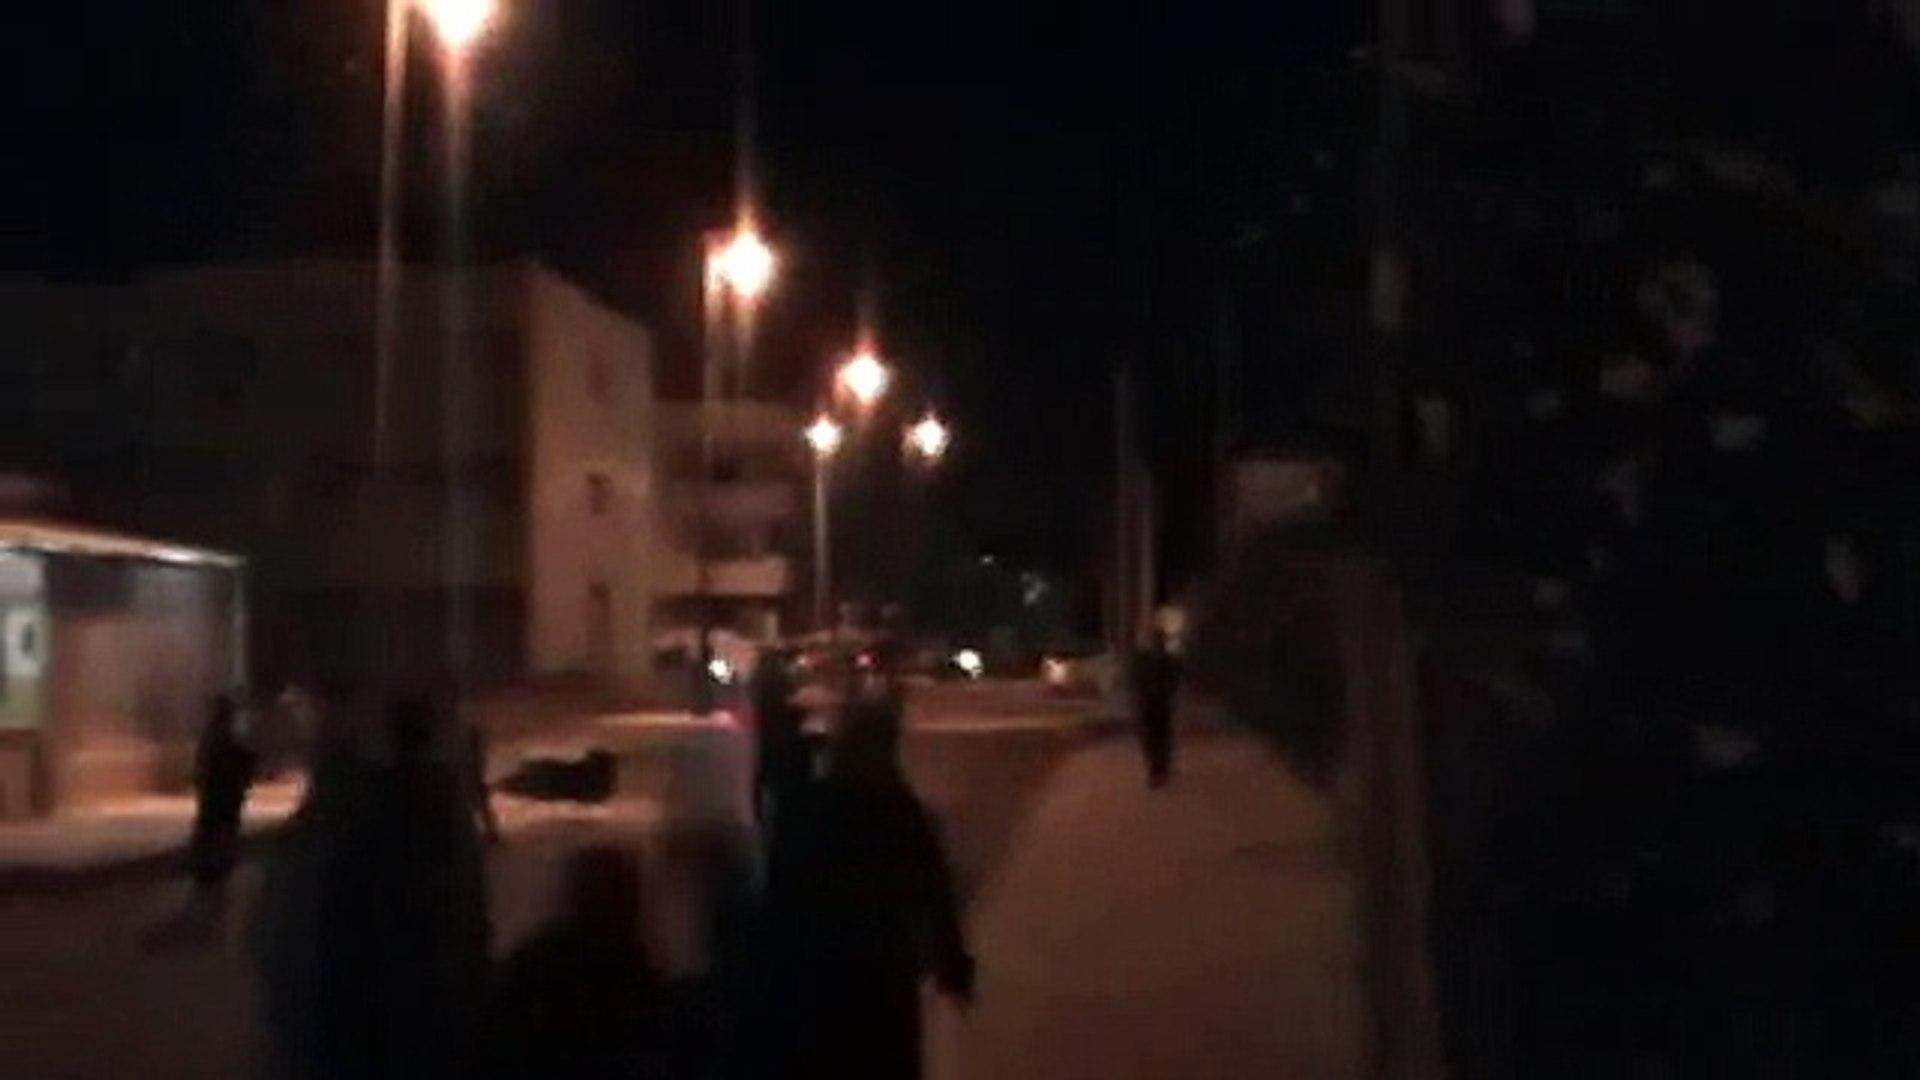 درعا حي السبيل 17 ايلول قنابل غاز غريبة تنشطر الى اجزاء